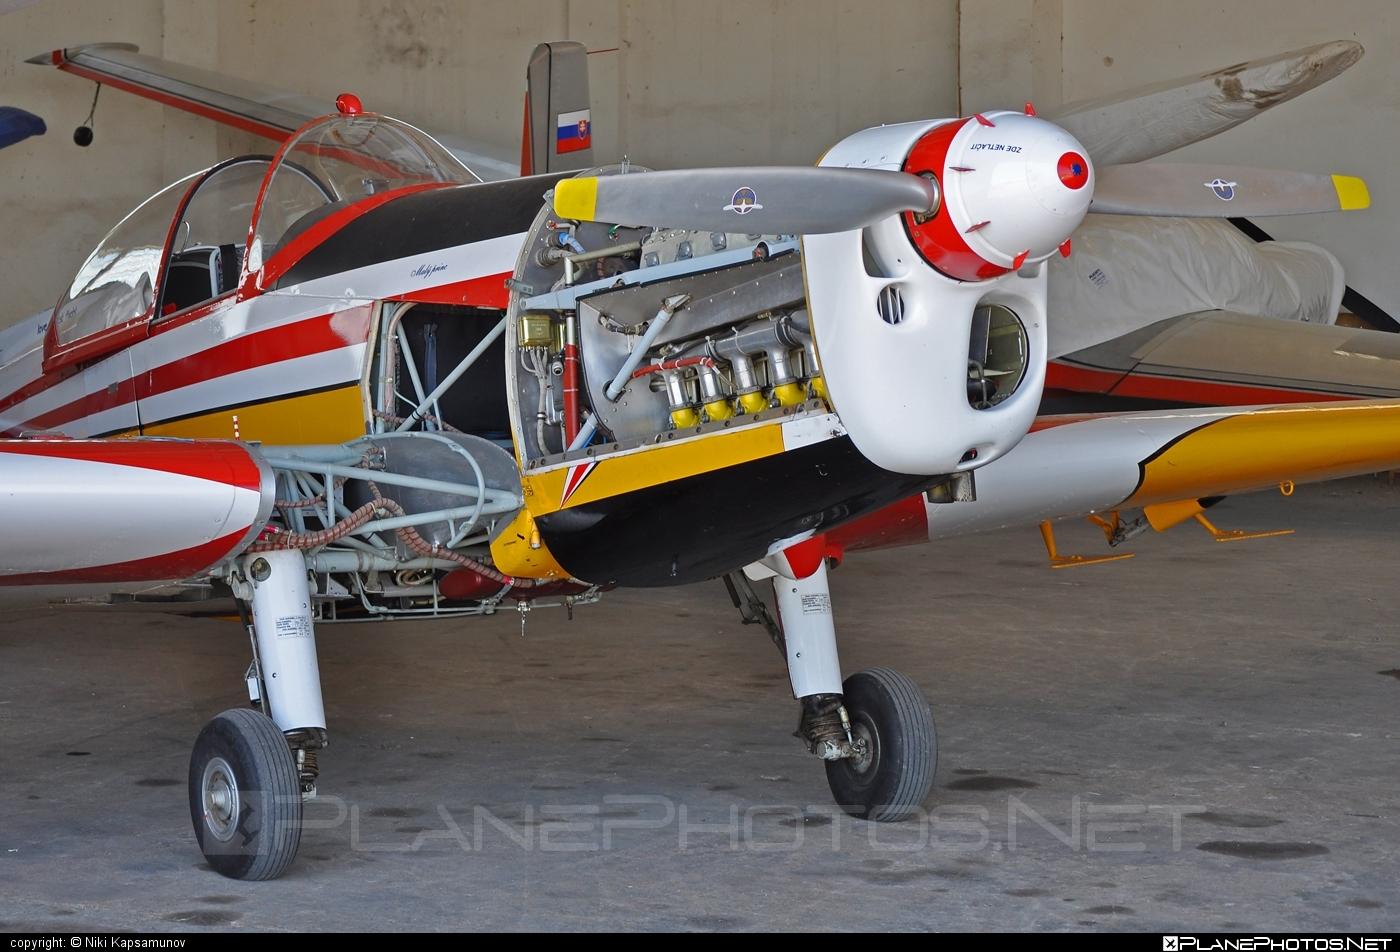 Zlin Z-526AFS-V Akrobat Speciál - OM-YRA operated by Aeroklub Trnava #akrobatspecial #kratas #z526 #z526akrobatspecial #zlin #zlin526